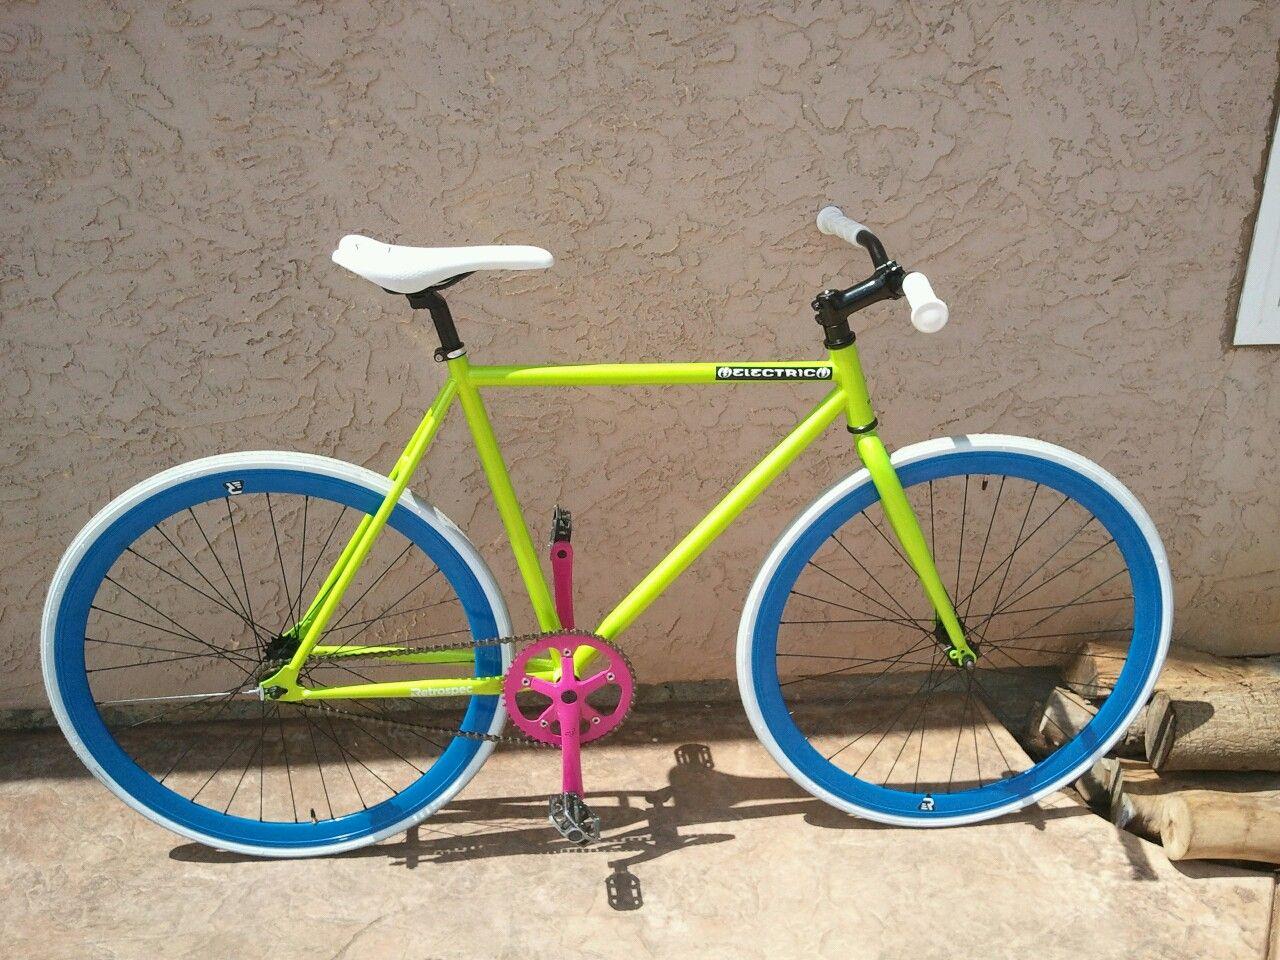 Bike Fixa Marcas De Bicicletas Bicicletas Bmx Bicicleta Fixa